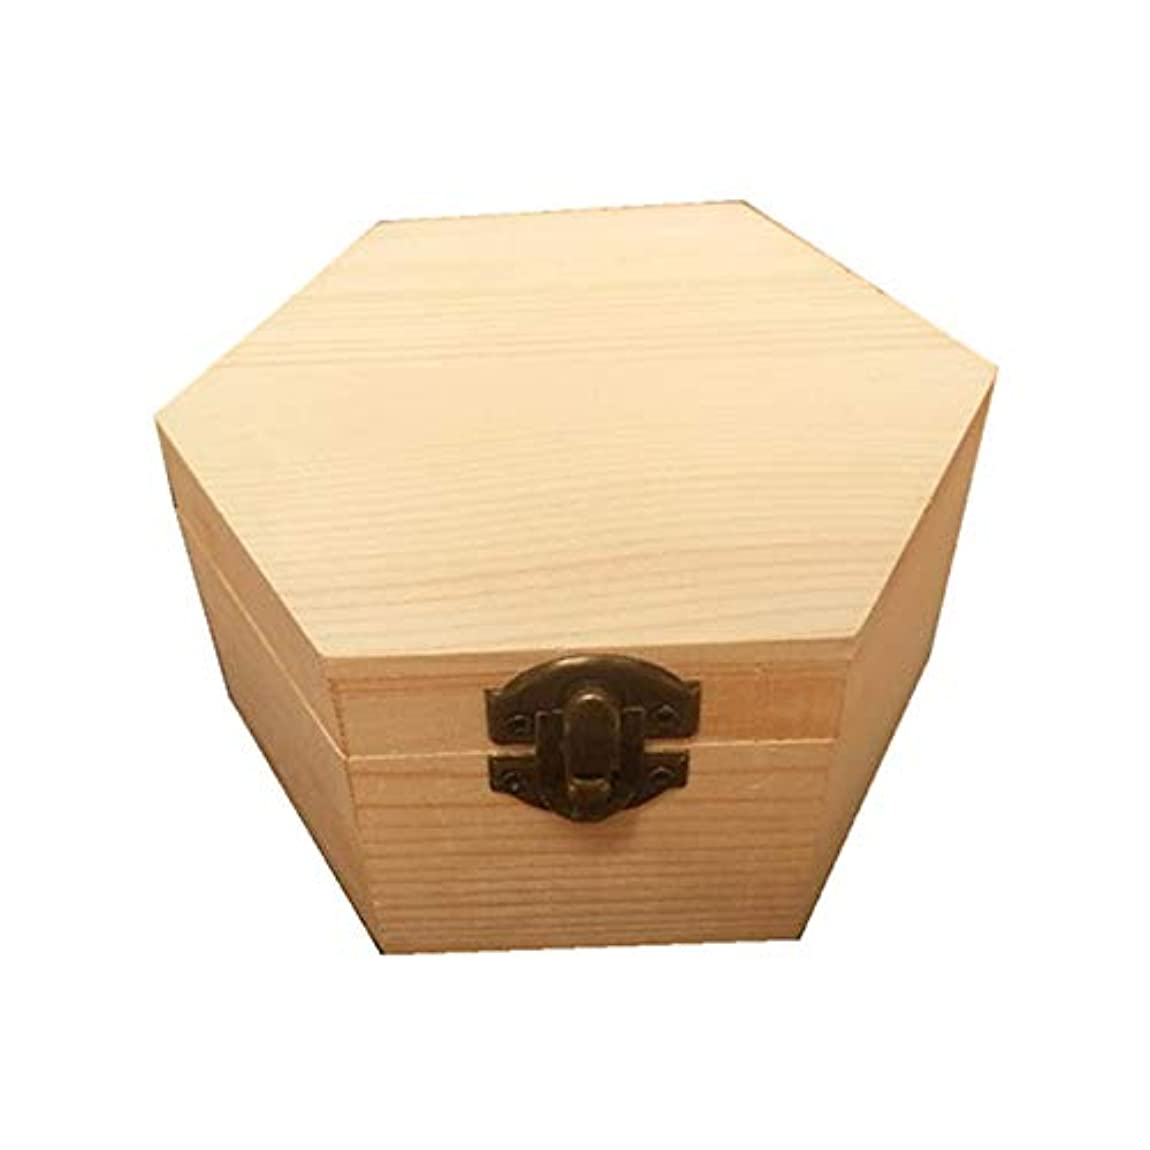 海港プログレッシブ定義手作りの木製ギフトボックスパーフェクトエッセンシャルオイルケースにエッセンシャルオイル アロマセラピー製品 (色 : Natural, サイズ : 13X11.3X6.8CM)